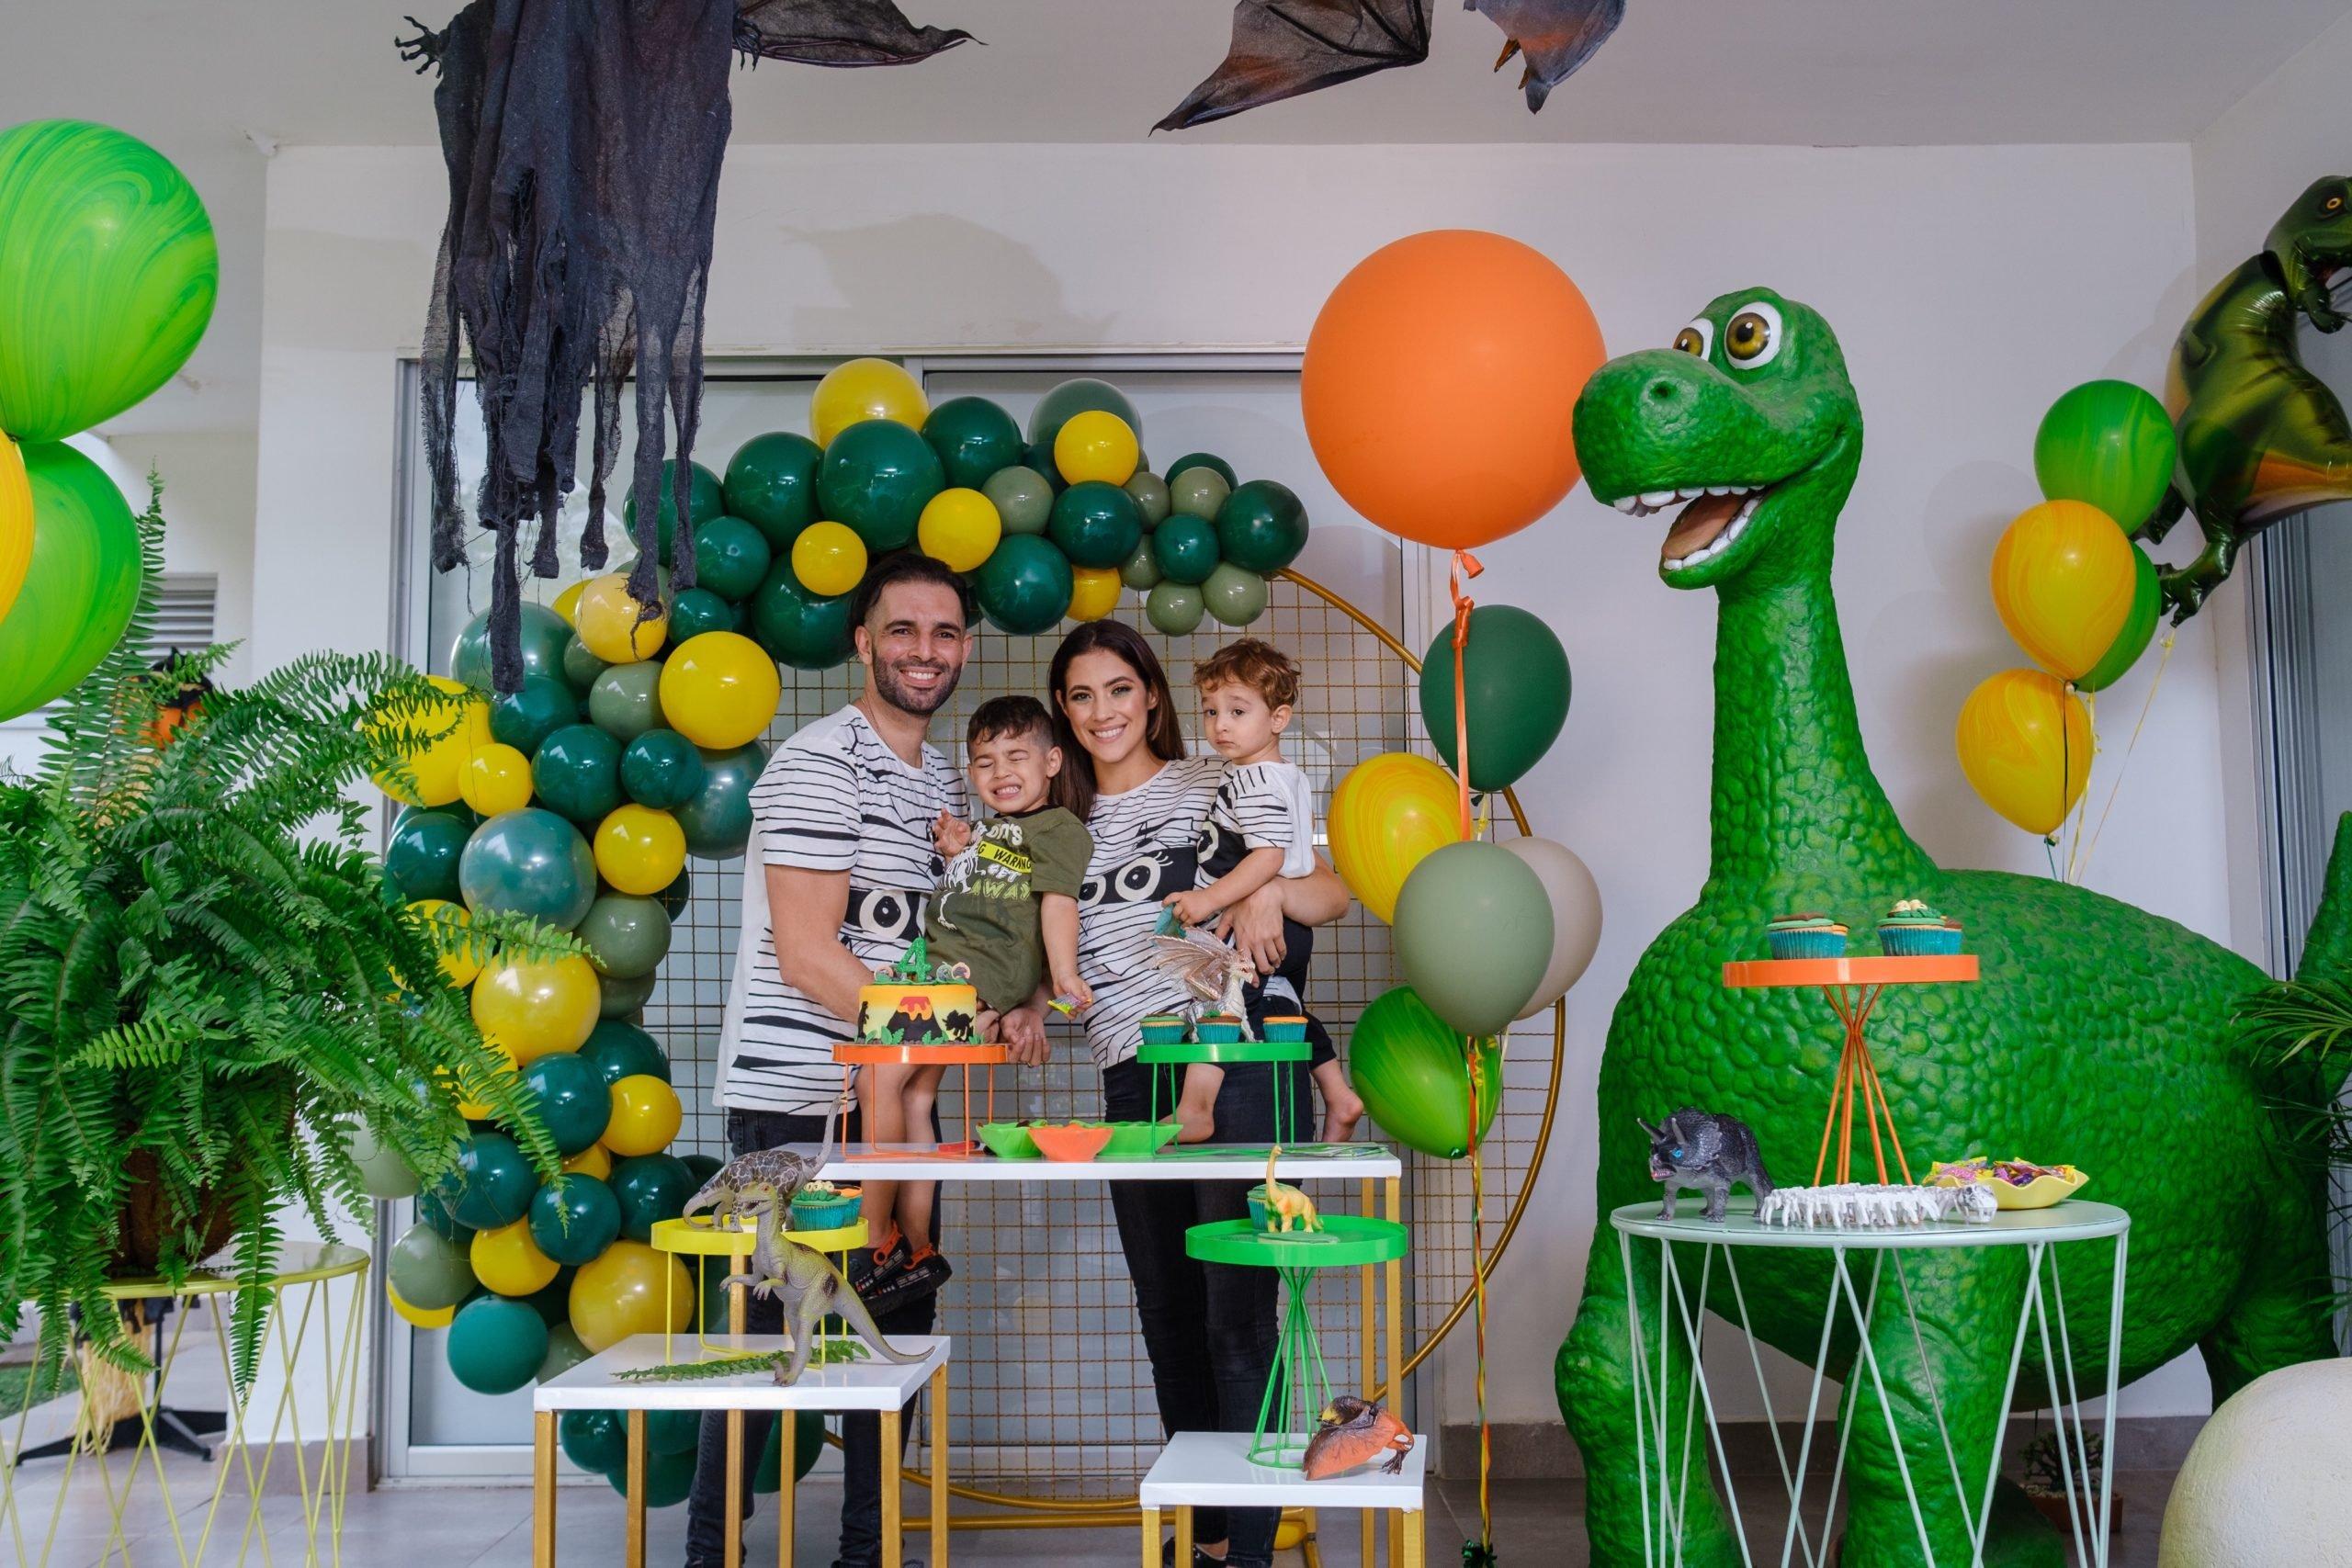 Celebraron sus cumpleaños / Salvador Gálvez Castillo